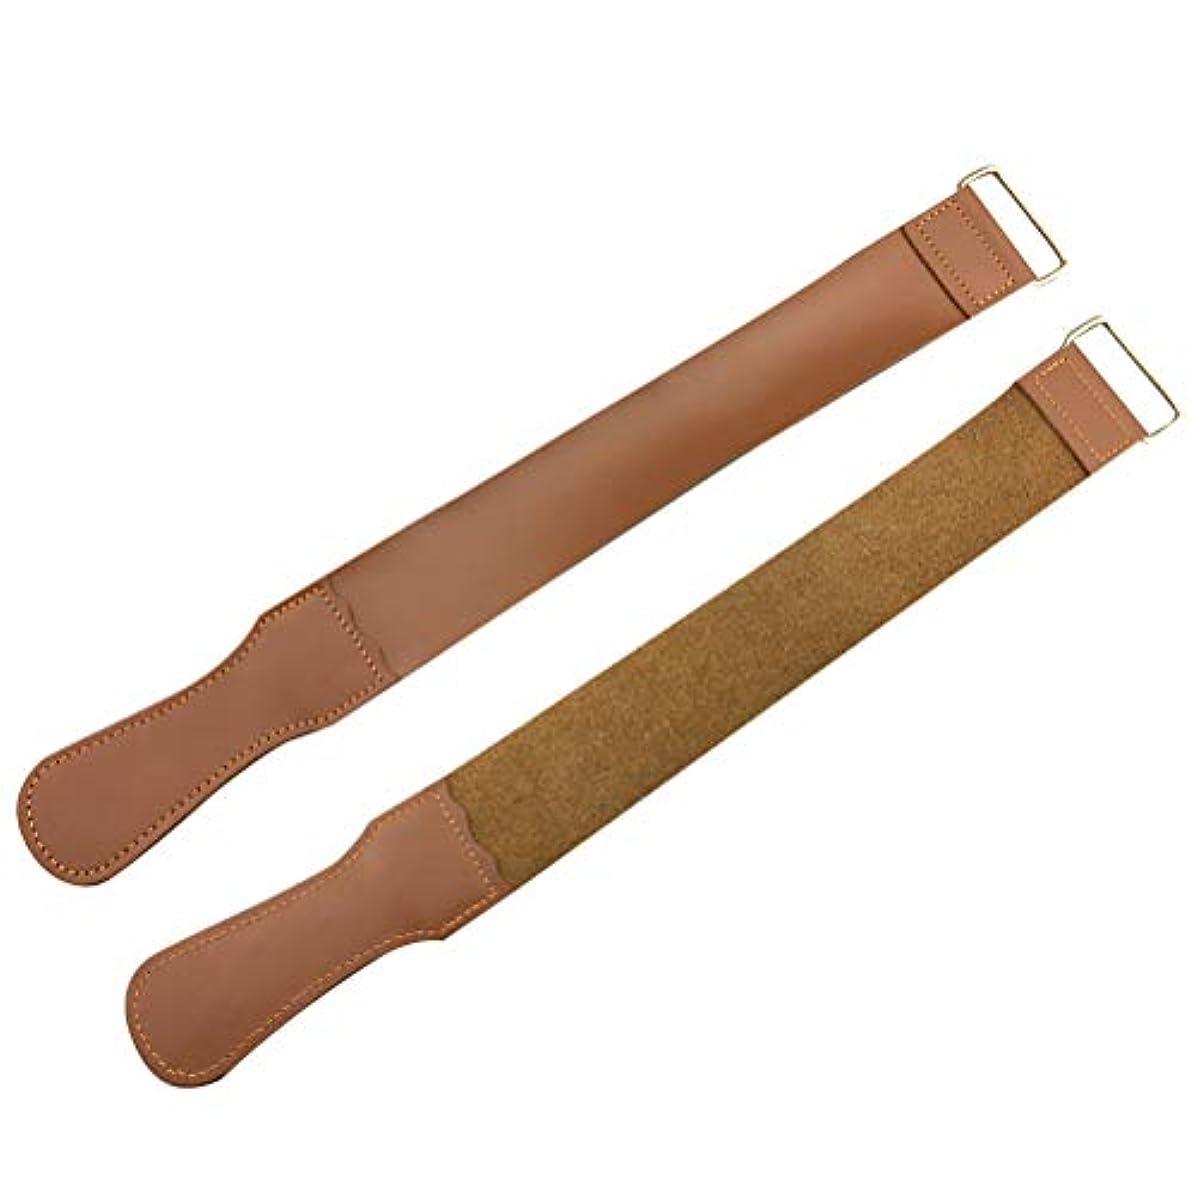 豊かにするビジョン生まれSUPVOX 2ピースストレートカミソリストラップ純粋な革研ぎストラップナイフ研ぎベルトシャープナー用折りたたみストレートかみそりシェービングナイフ